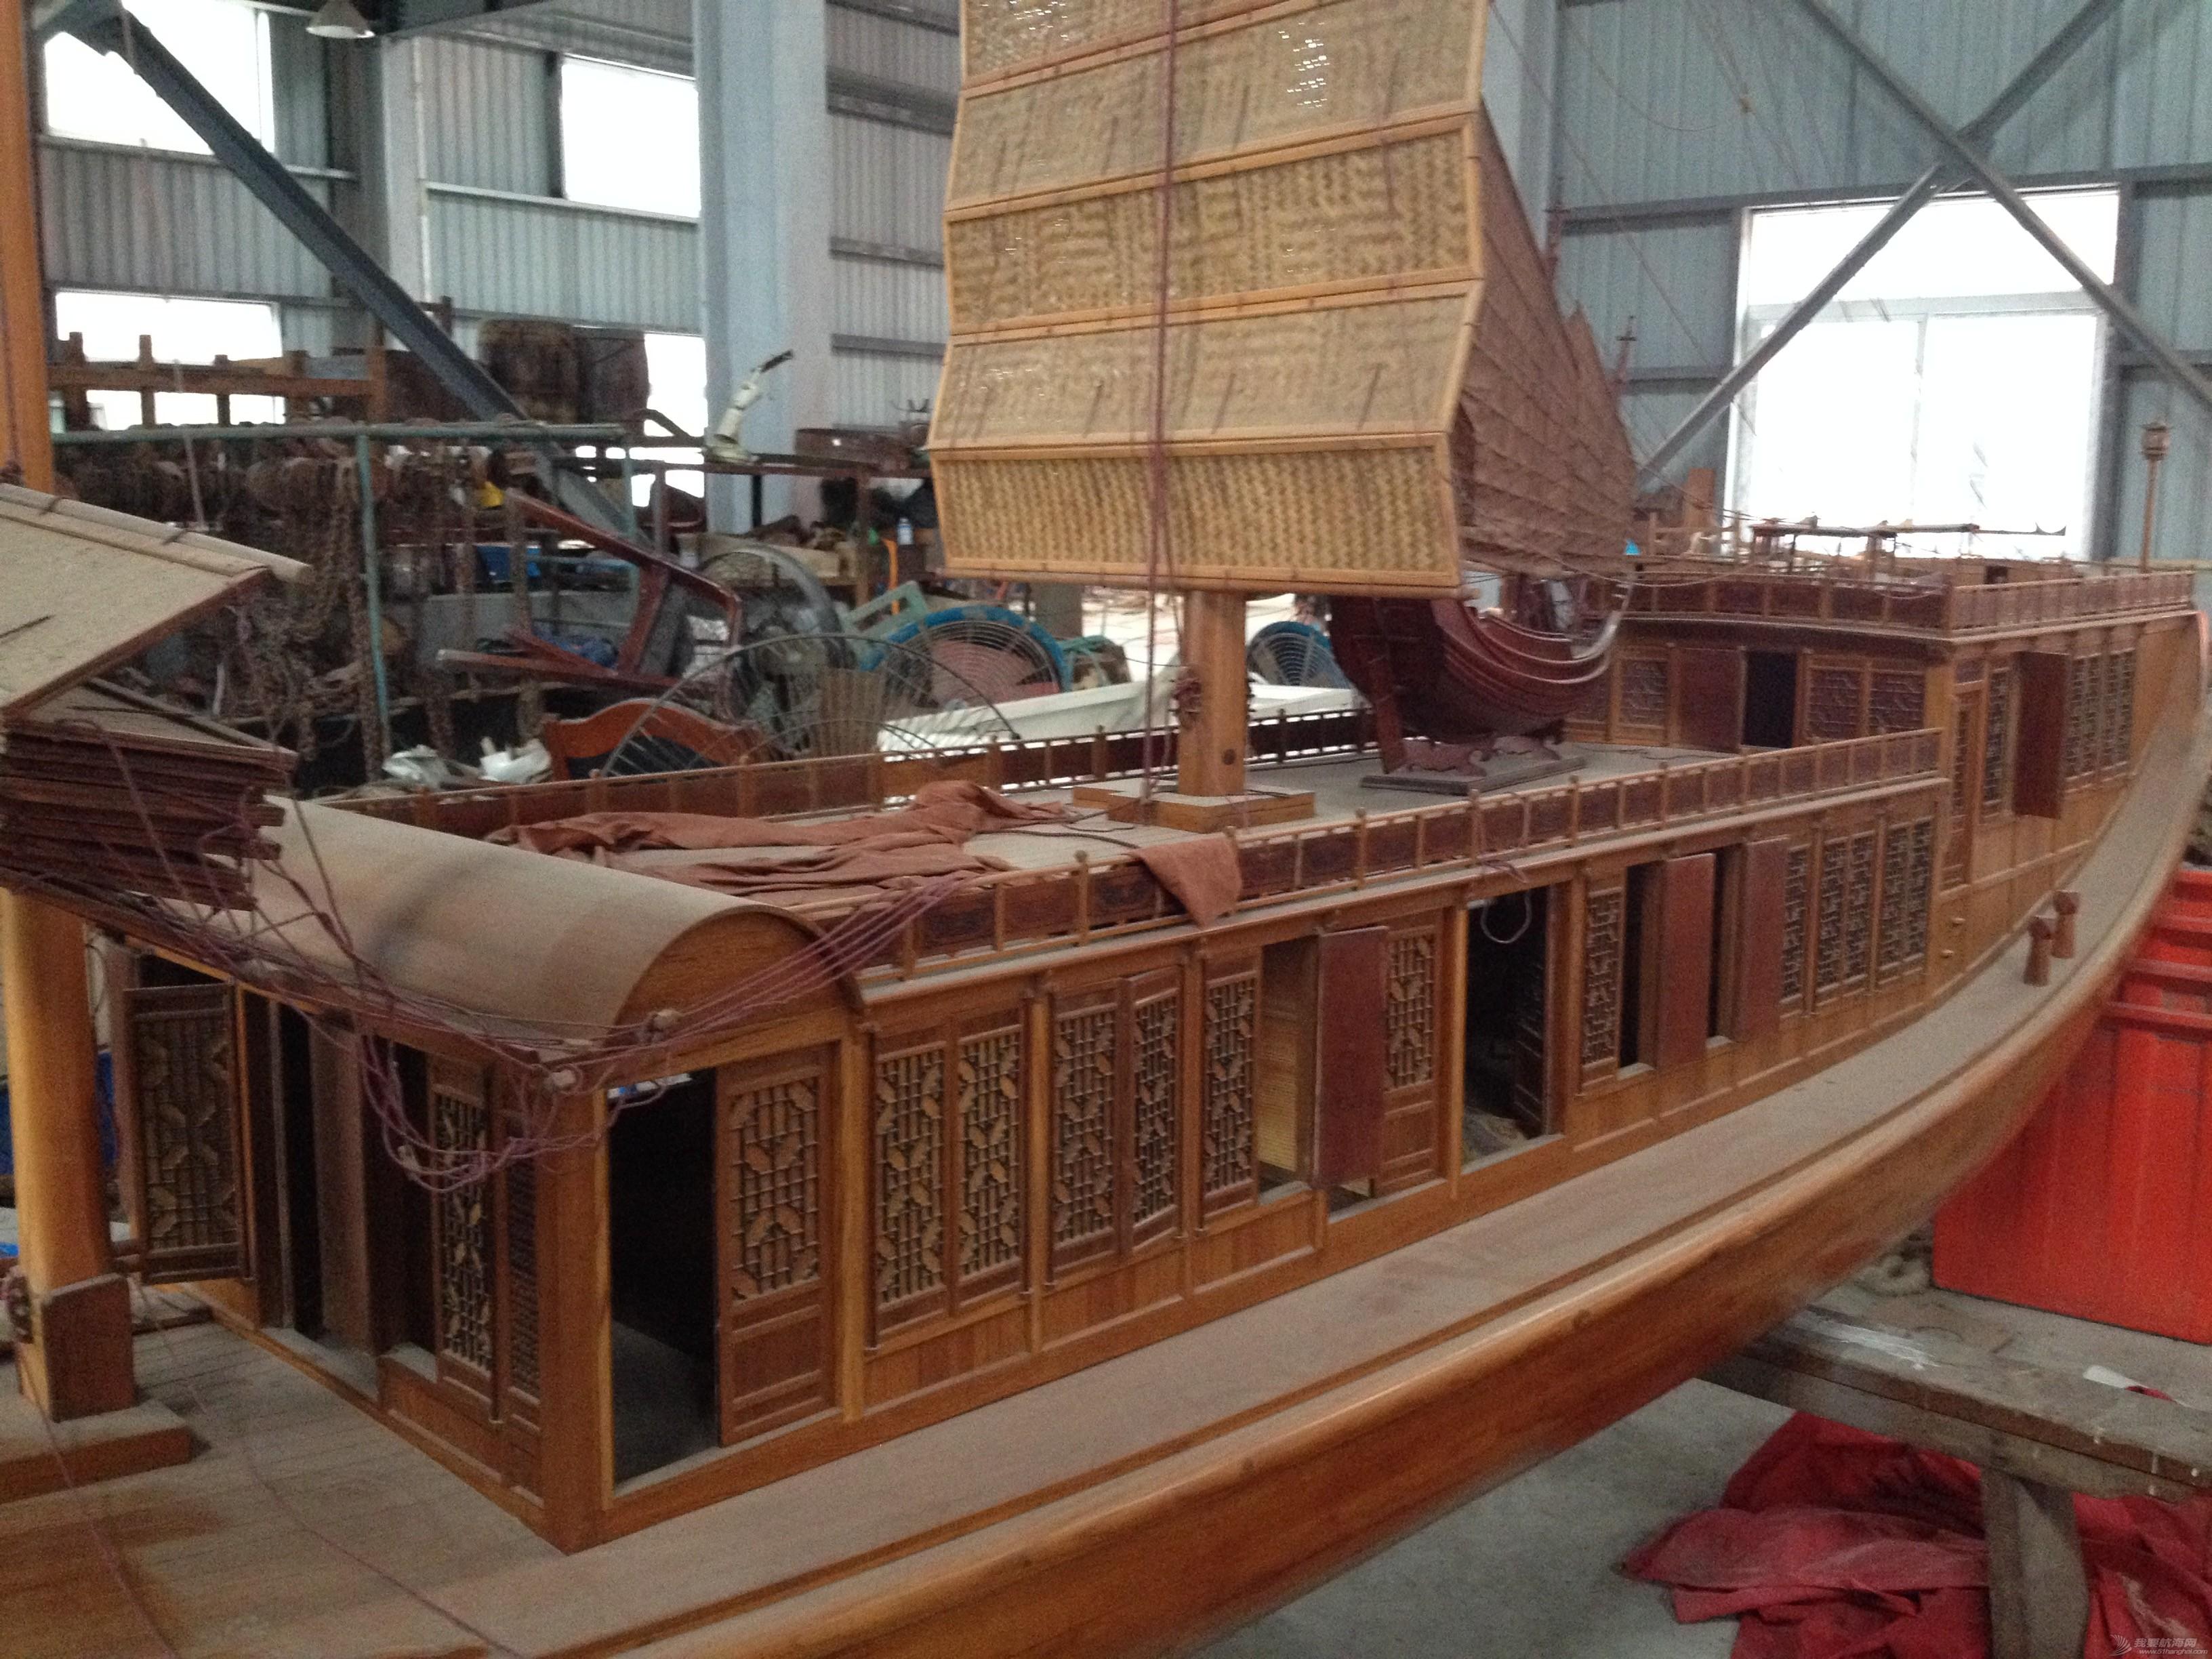 中式风格,交通运输,造船厂,朱家尖,对抗赛 全球首次中式帆船比赛可能会在舟山举行 IMG_7899.JPG